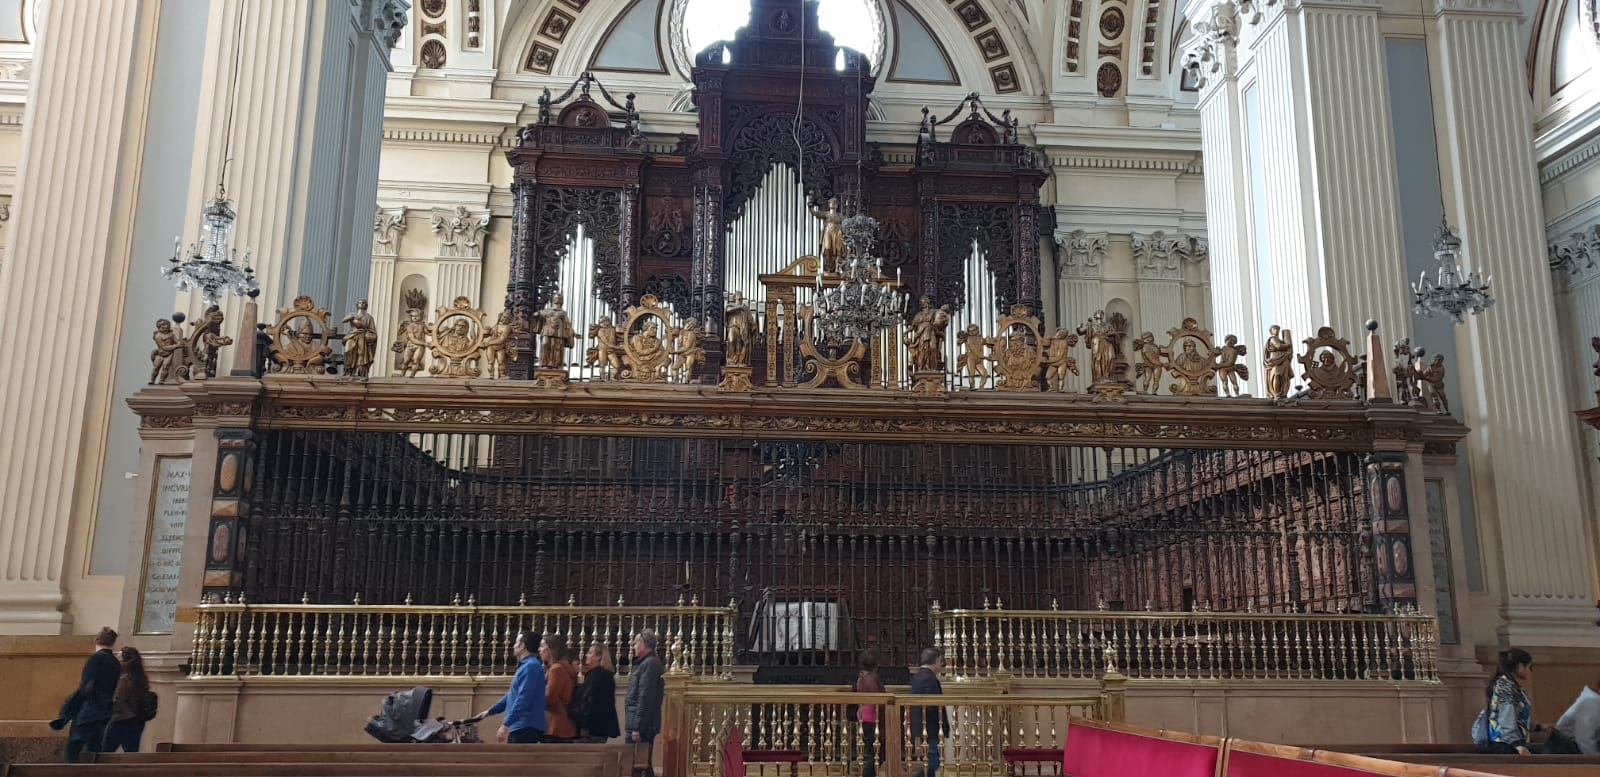 orga Catedrala-Bazilică Nuestra Señora del Pilar